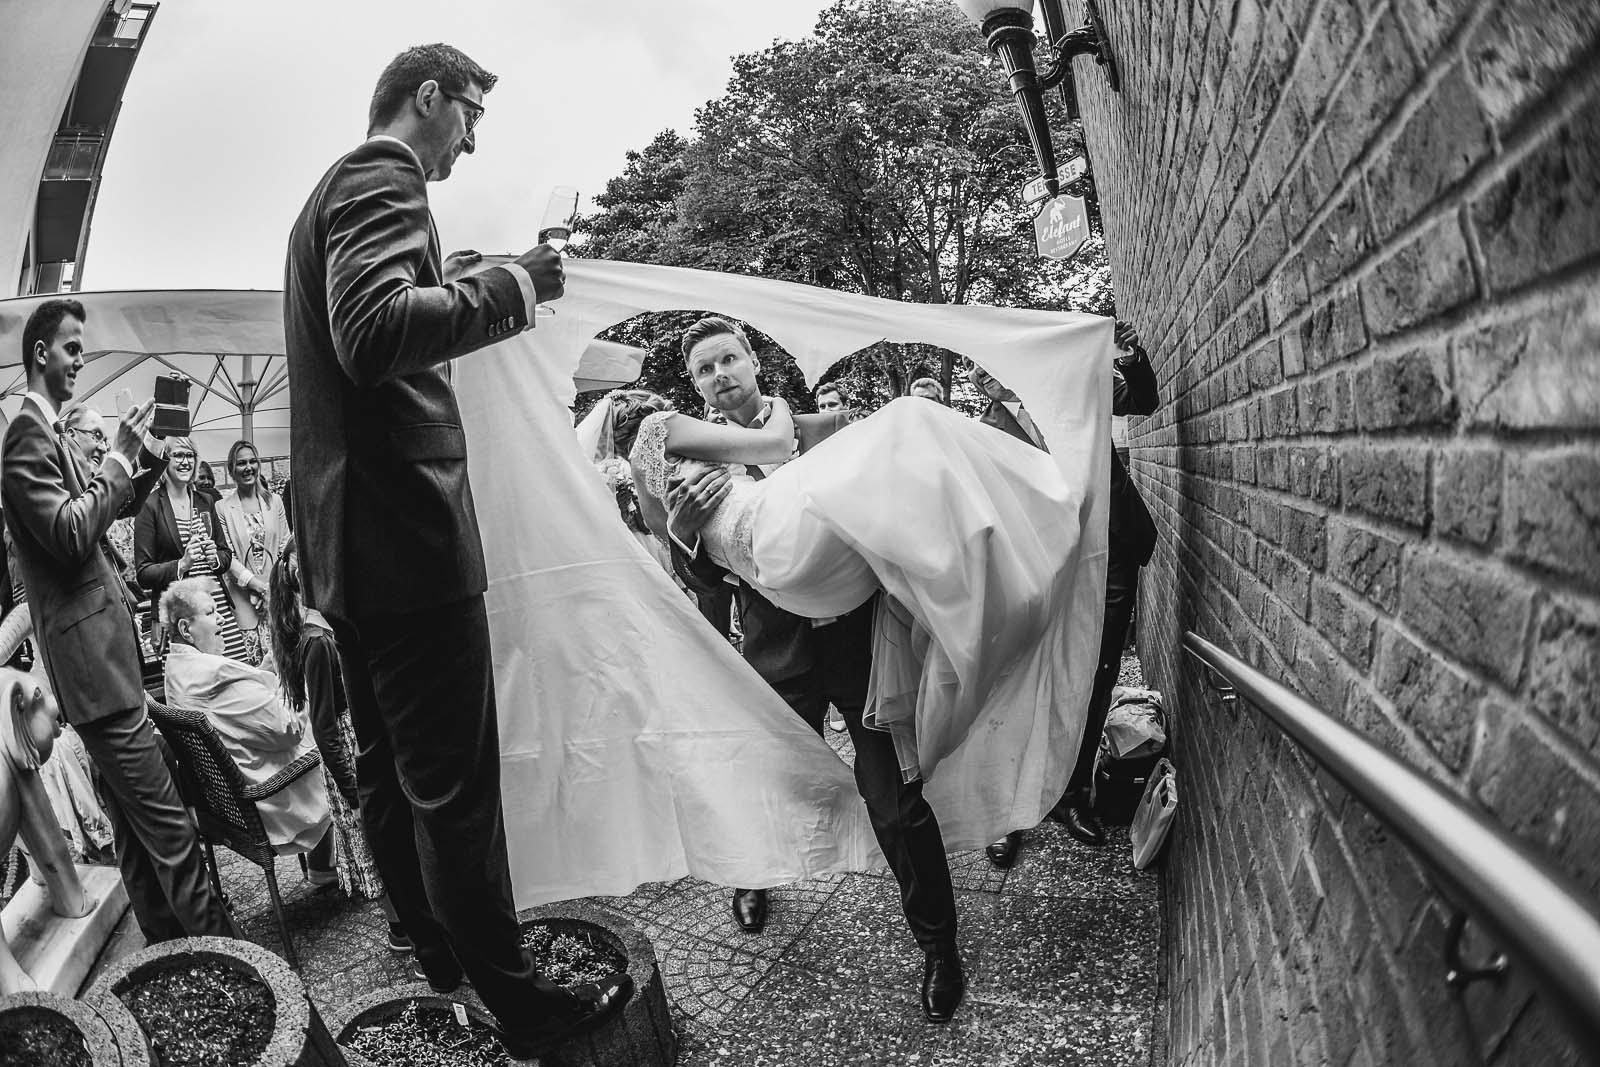 Foto zeigt den Hochzeitsbrauch des zerschneidens eines Bettlakens mit Herz Copyright by Hochzeitsfotograf www.berliner-hochzeitsfotografie.de